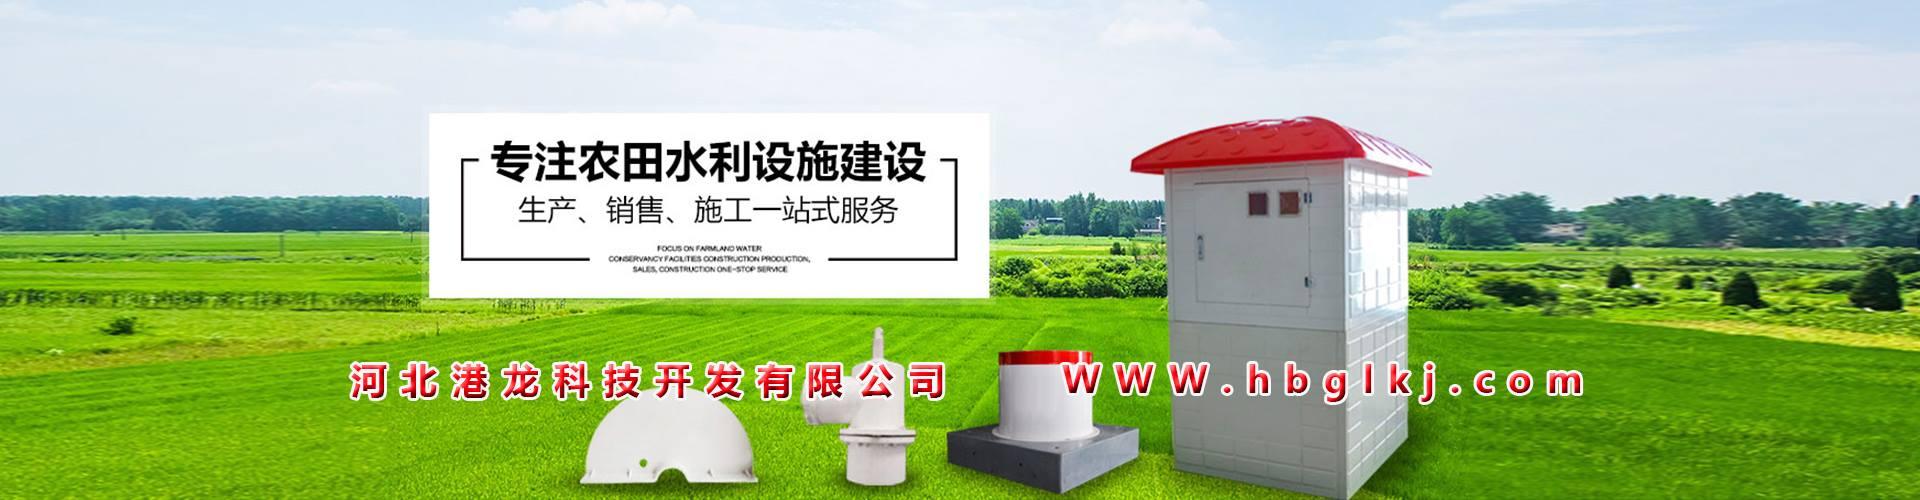 玻璃钢灌溉控制箱